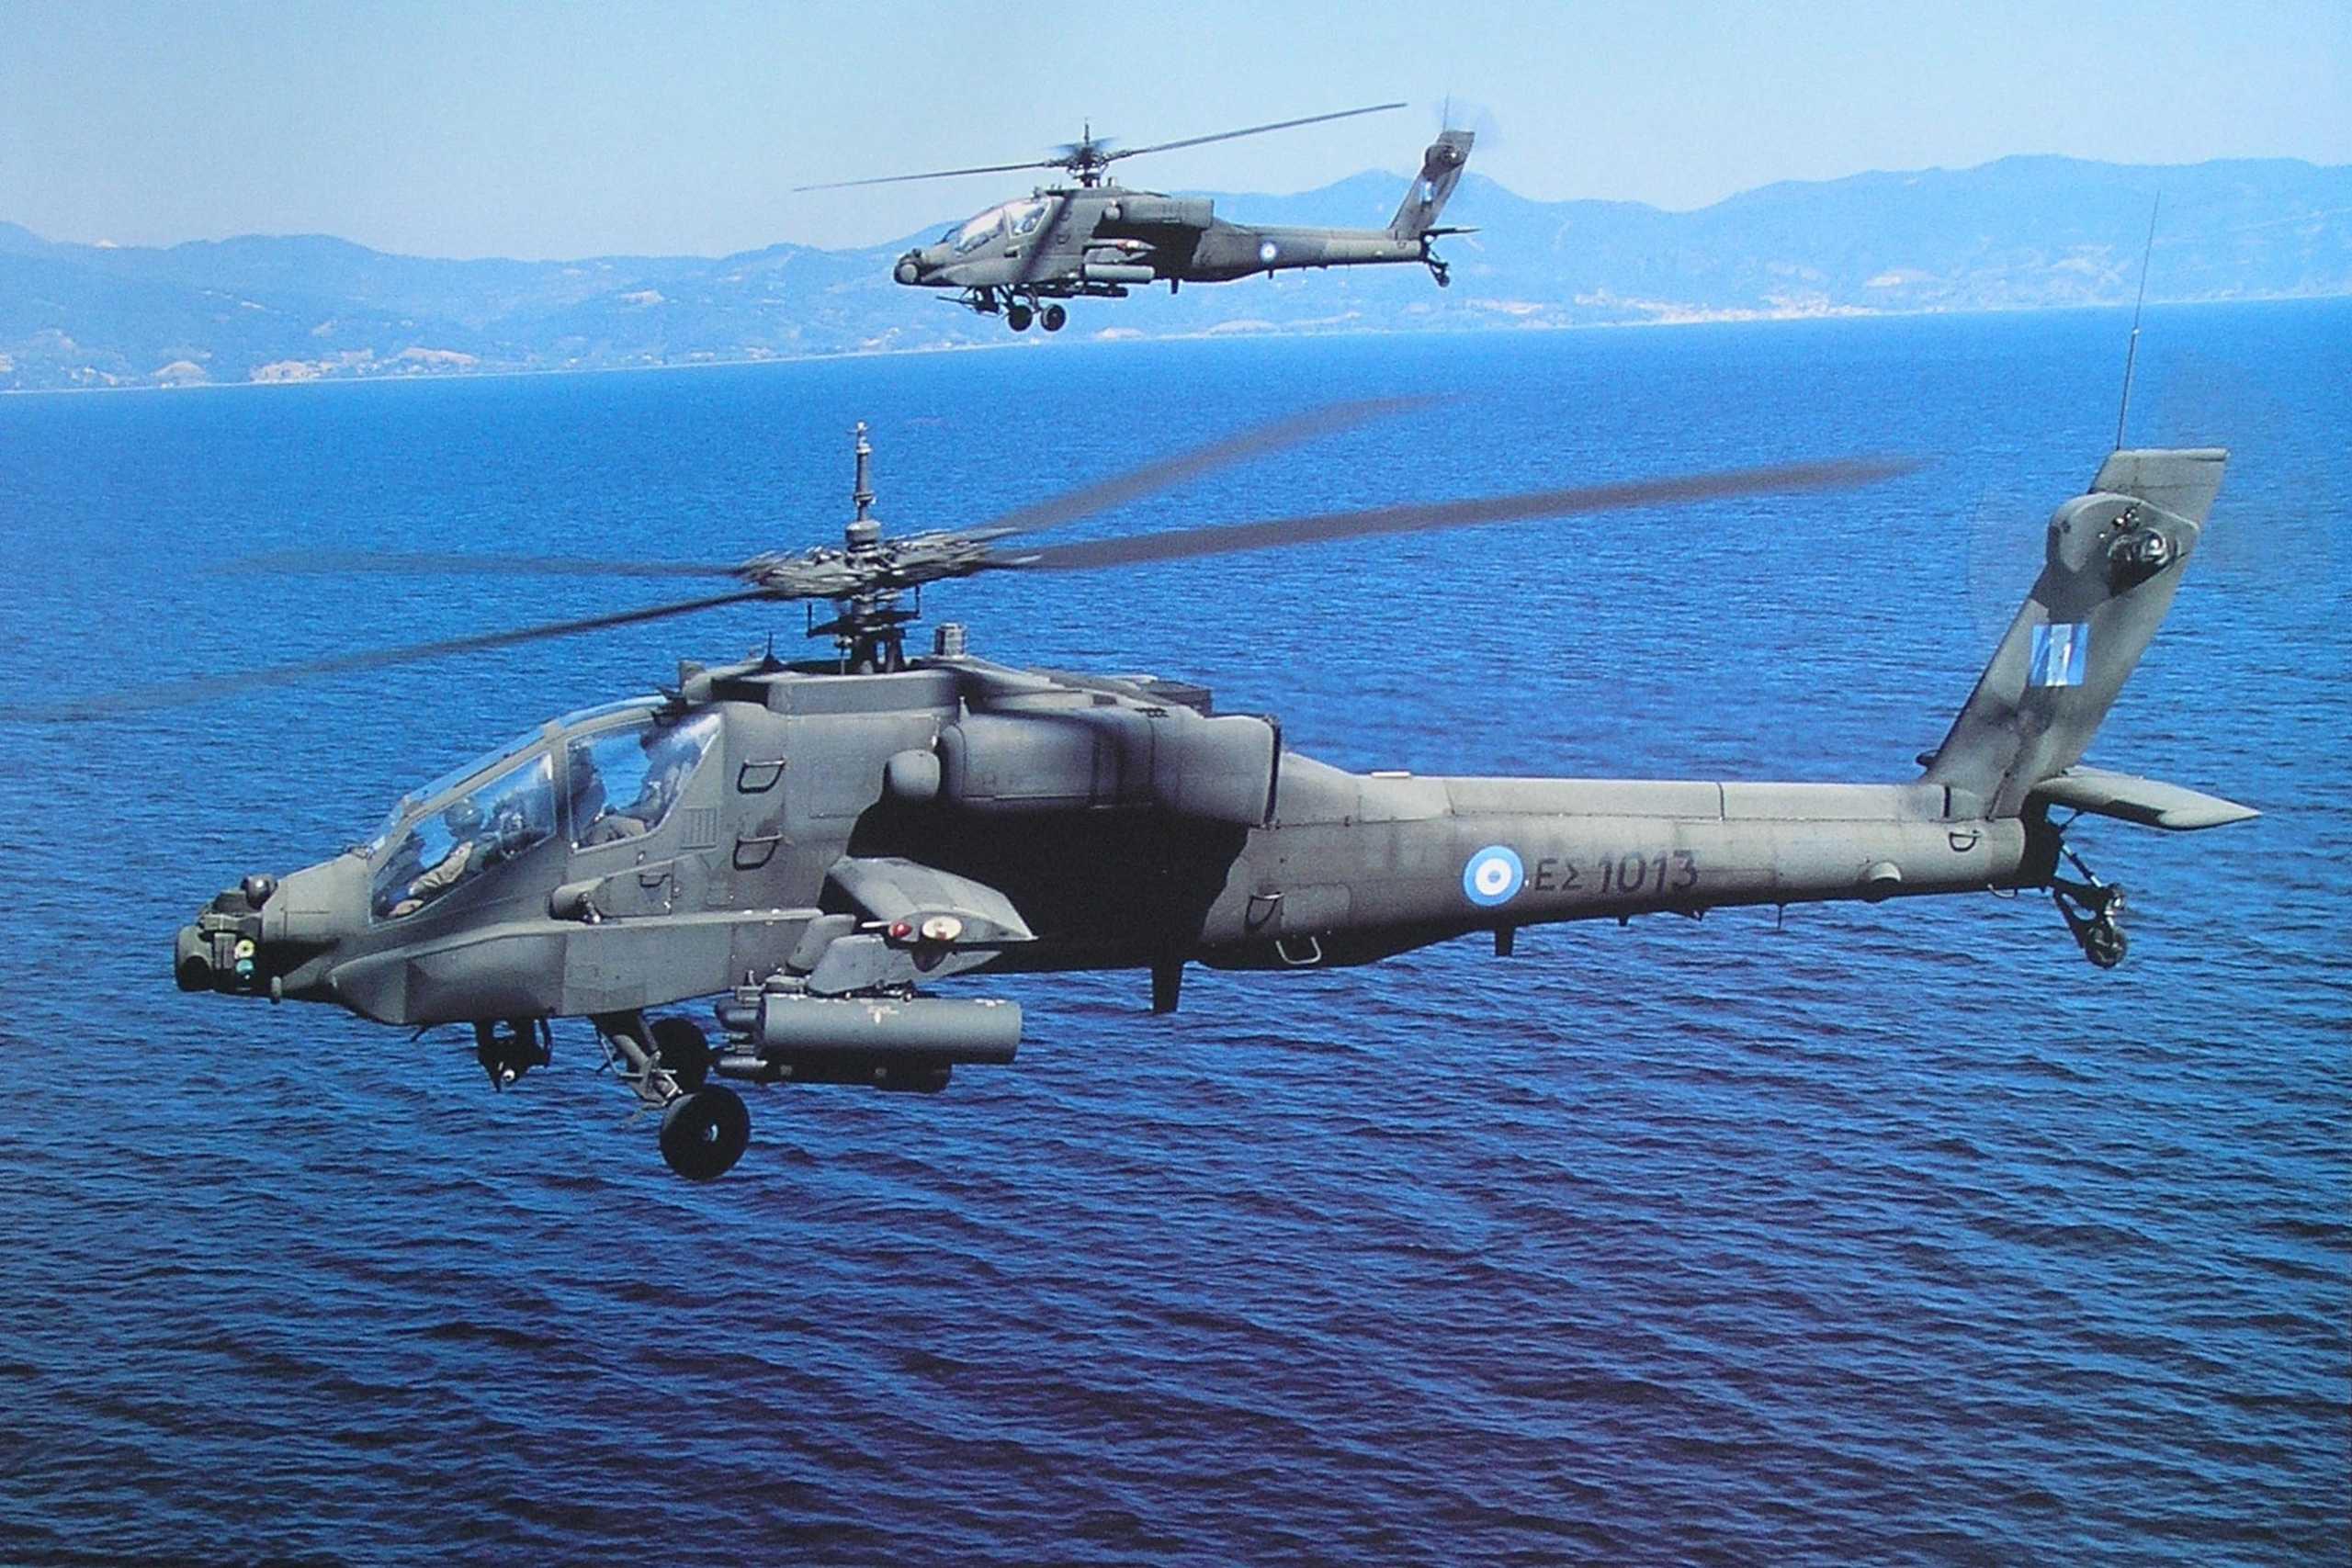 «Έκλεισε» η συμφωνία με Ισραήλ για τα ελικόπτερα Apache και S-70